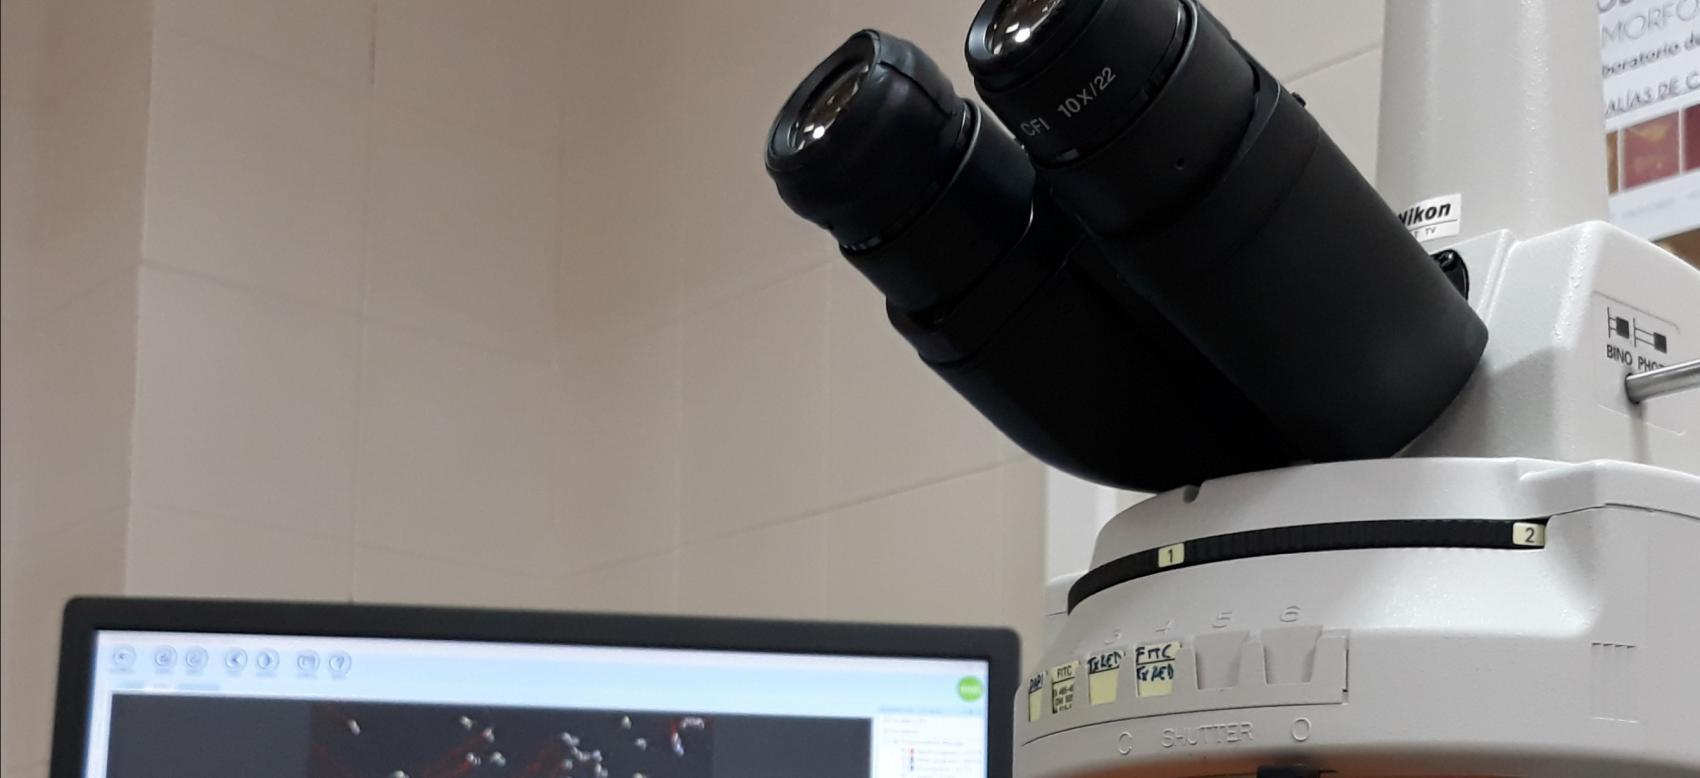 Microscopio para realizar espermiogramas y pantalla para la observación de las muestras